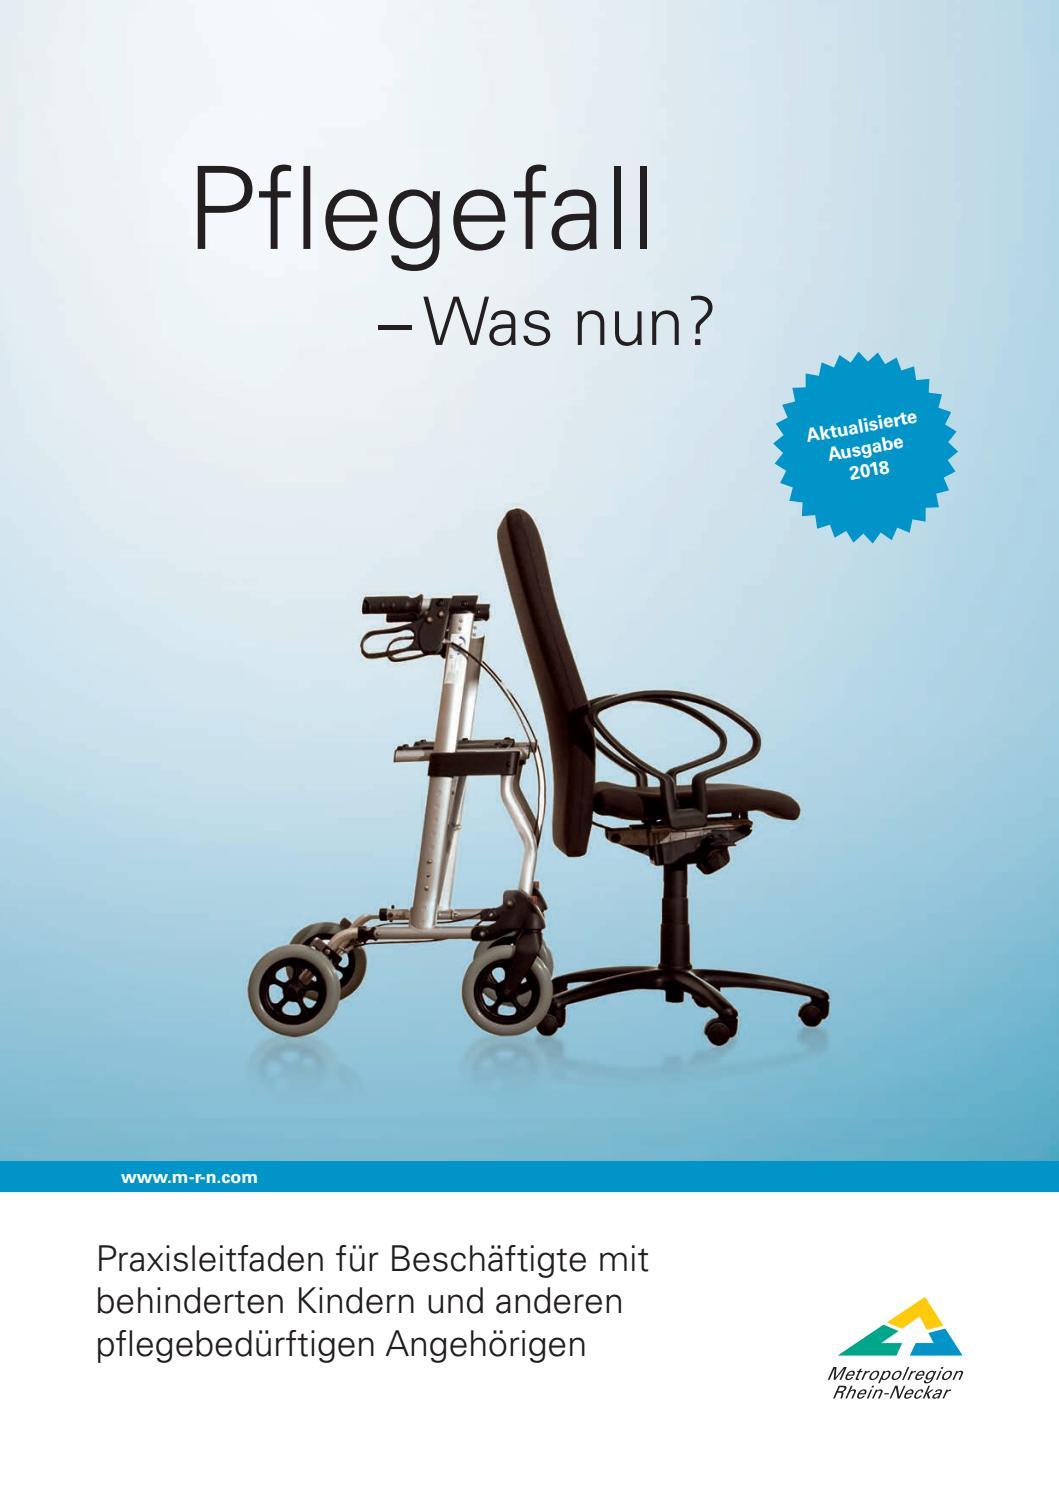 Praxisleitfaden Fur Beschaftigte Mit Behinderten Kindern Und Anderen Pflegebedurftigen Angehorigen By Rhein Neckar Issuu